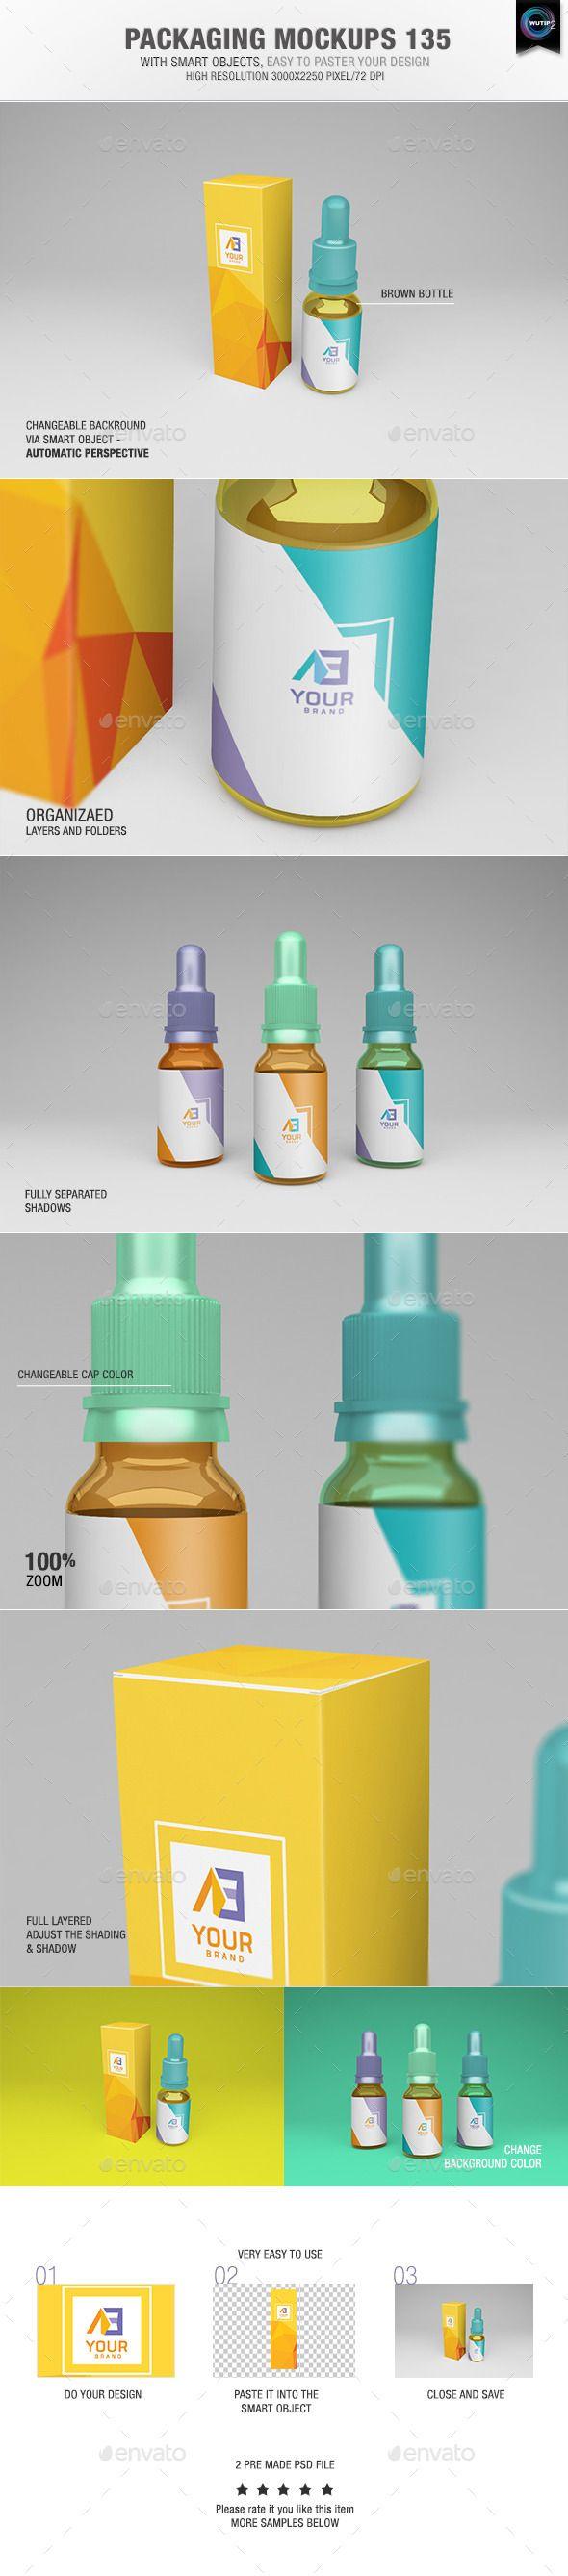 6 poster design photo mockups 57079 - Designing